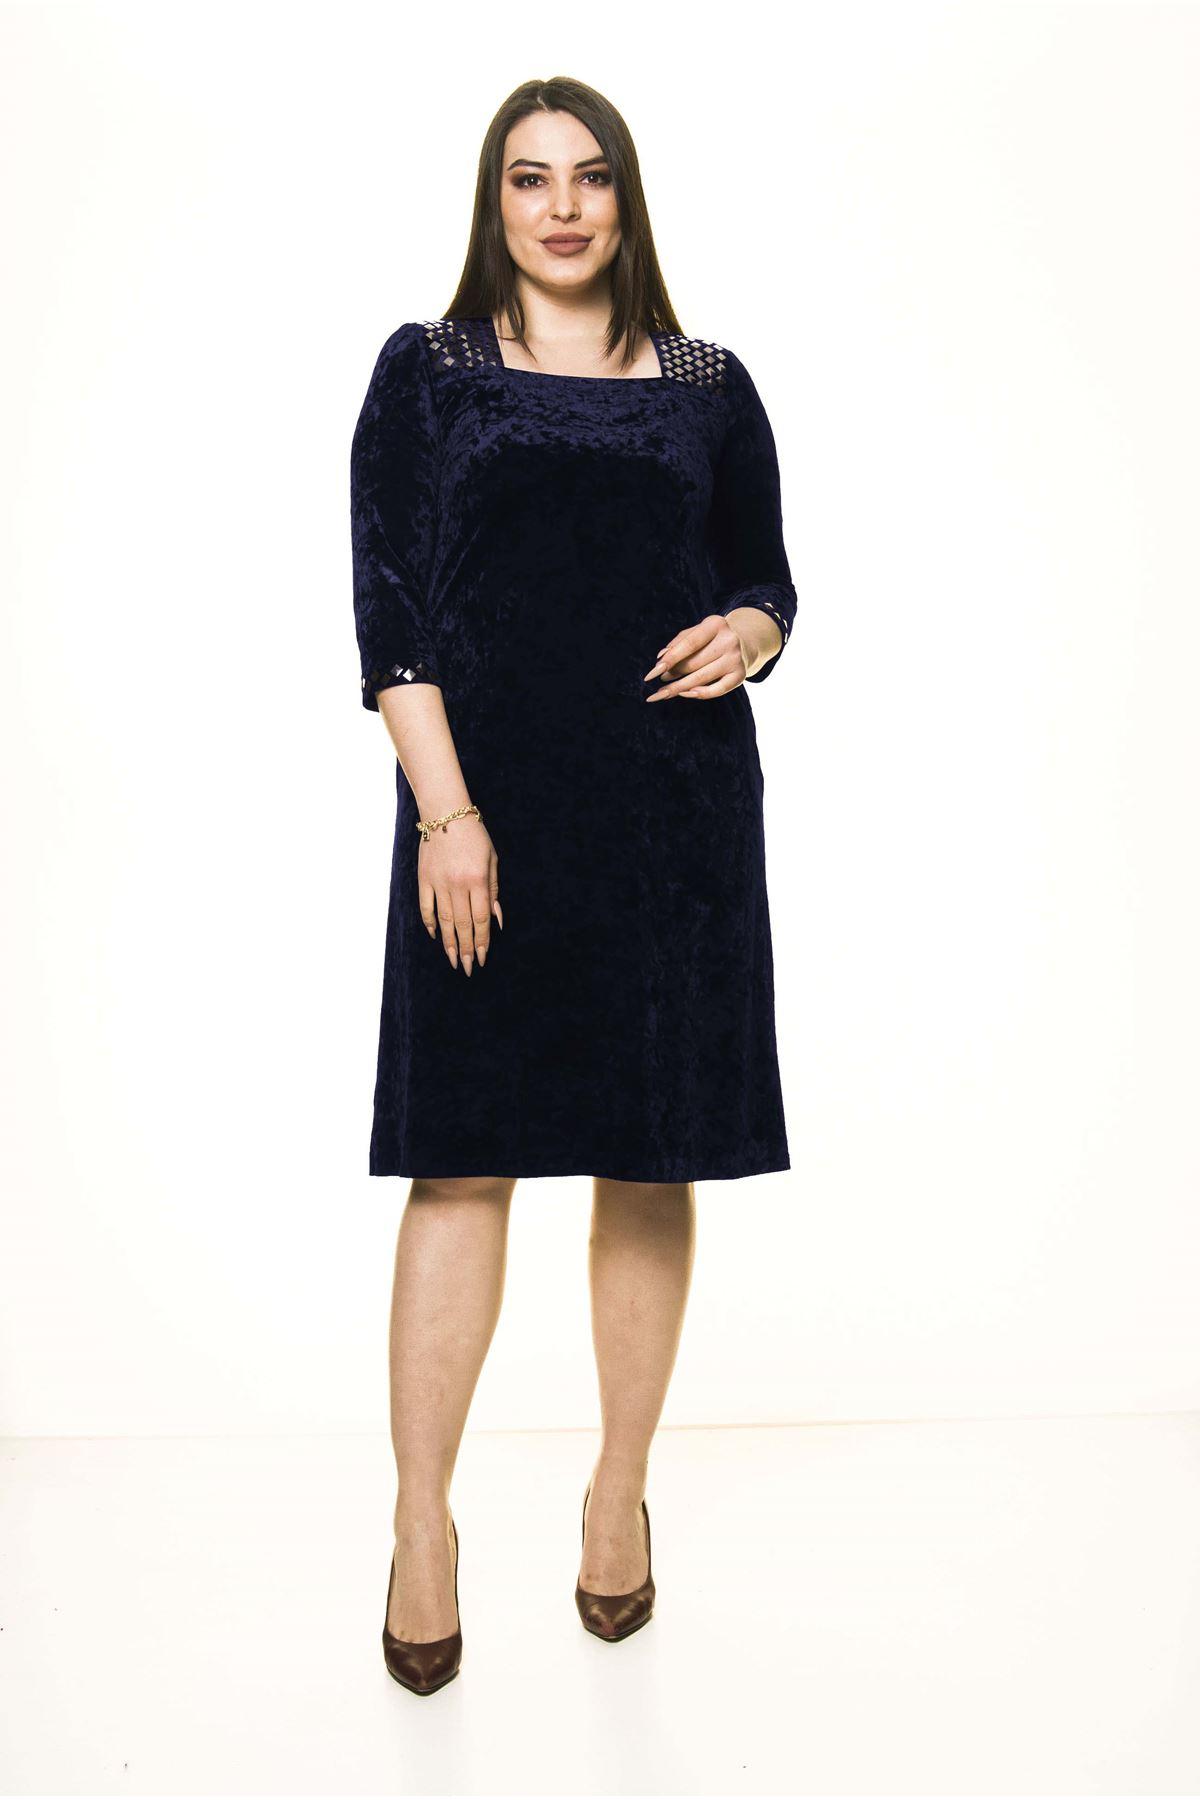 Lacivert Kadife Büyük Beden Elbise 25D-1585